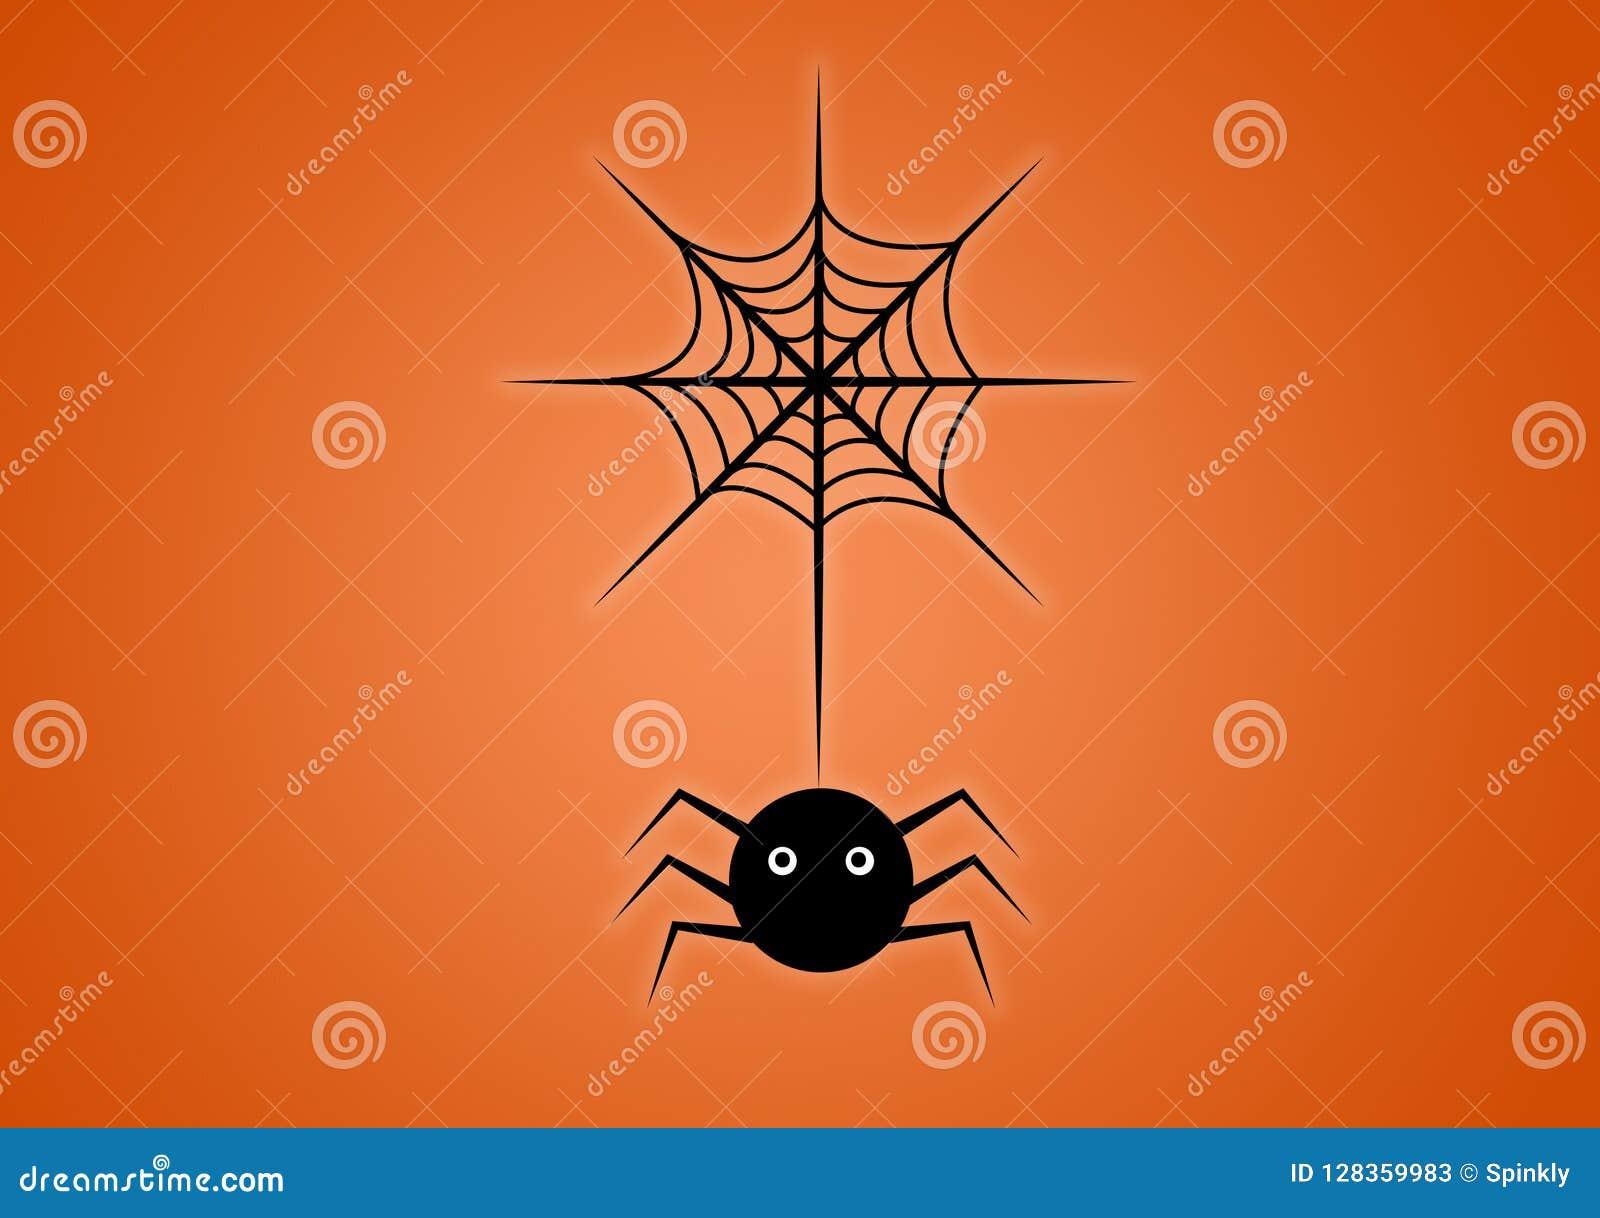 Αράχνη στον Ιστό που διευκρινίζεται ψηφιακά στο πορτοκαλί υπόβαθρο